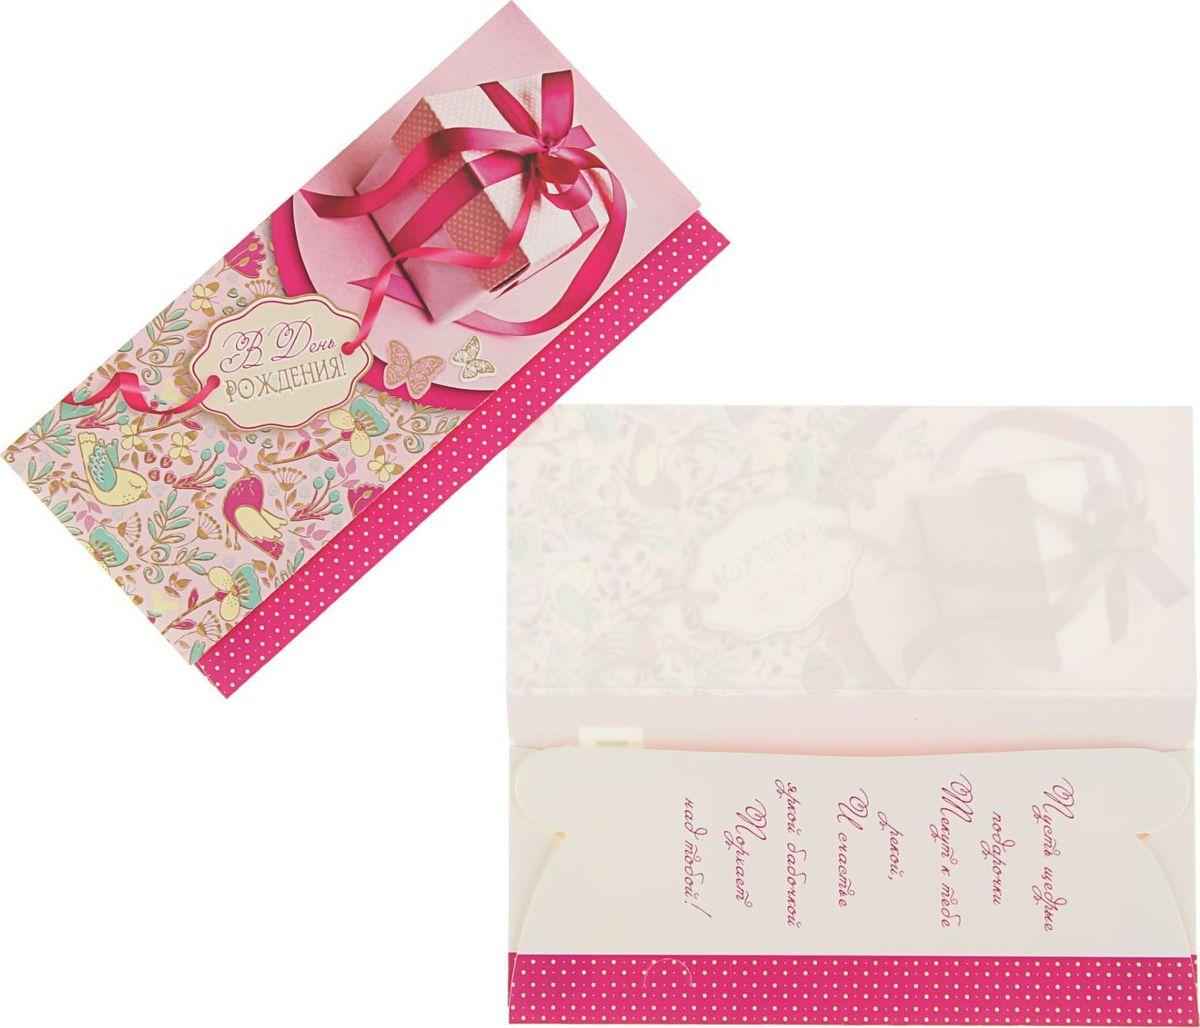 Конверт для денег Гранд Дизайн С Днем Рождения! Розовый подарок, 16,3 х 8,3 см2422909Невозможно представить нашу жизнь без праздников! Мы всегда ждём их и предвкушаем, обдумываем, как проведём памятный день, тщательно выбираем подарки и аксессуары, ведь именно они создают и поддерживают торжественный настрой. Этот конверт для денег - отличный выбор, который привнесёт атмосферу праздника в ваш дом!